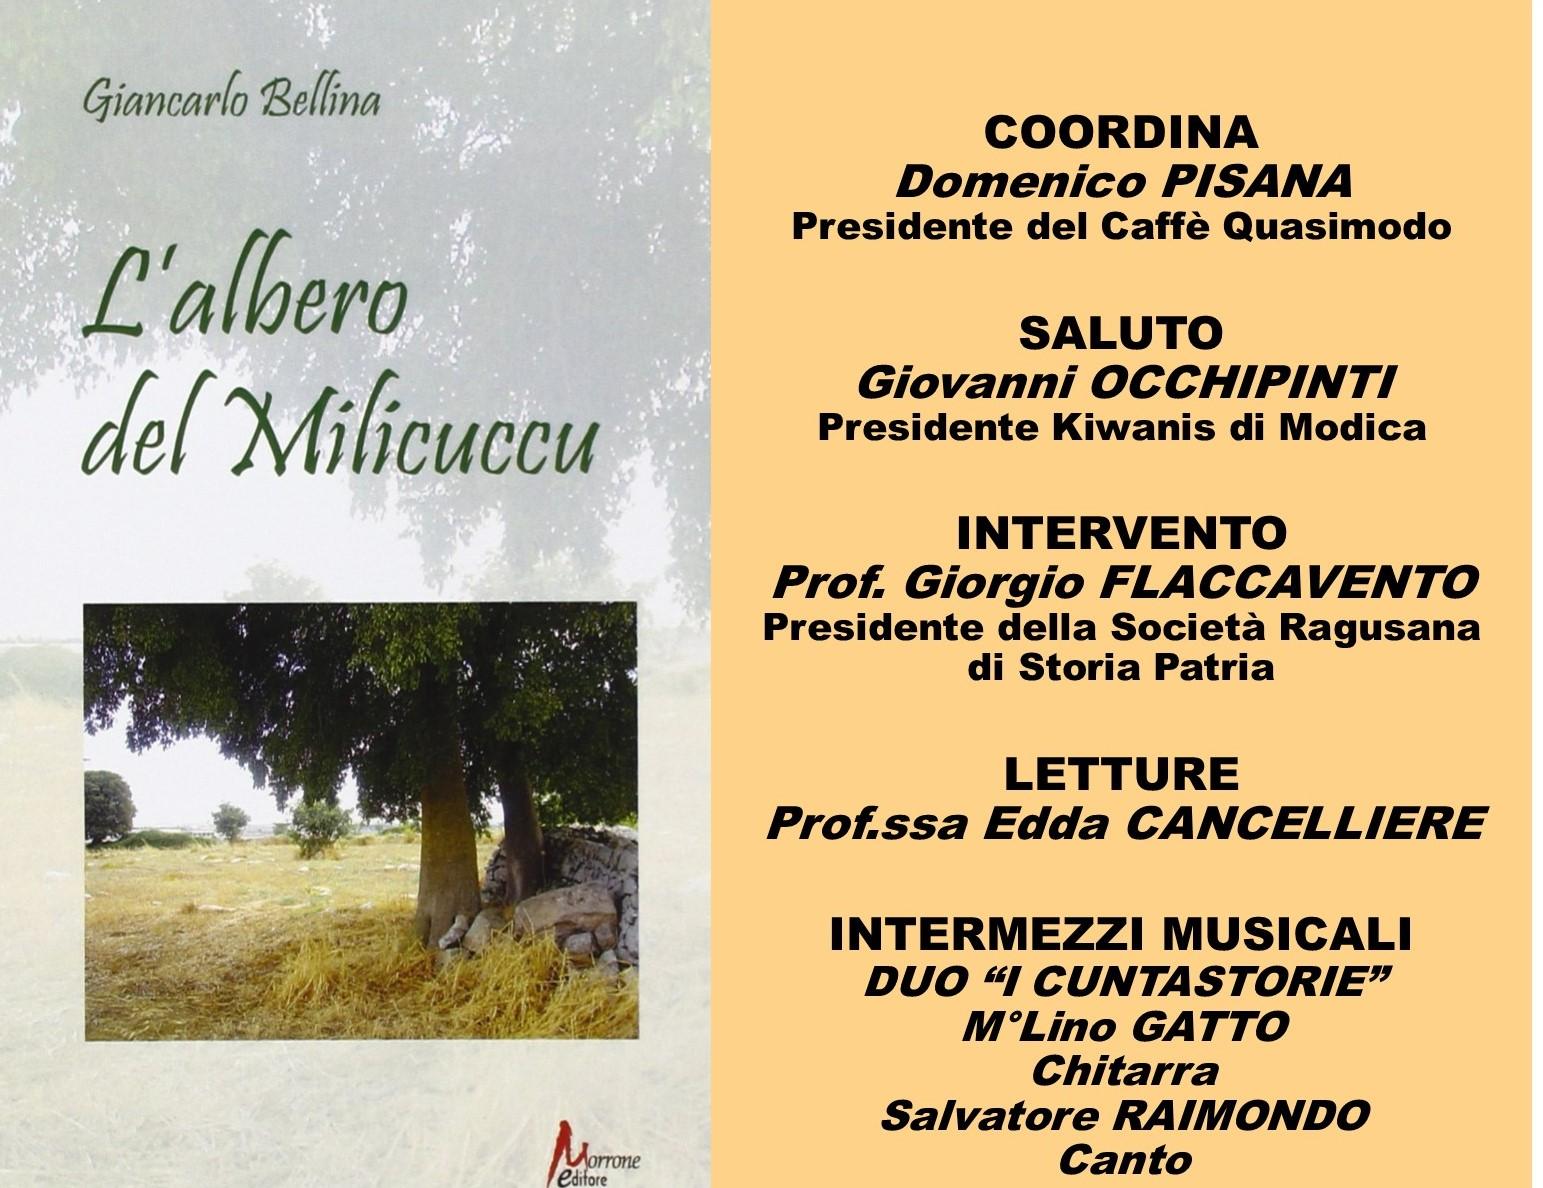 """Modica, Caffè Letterario: si presenta libro """"L'albero del milicuccu"""" di Giancarlo Bellina"""